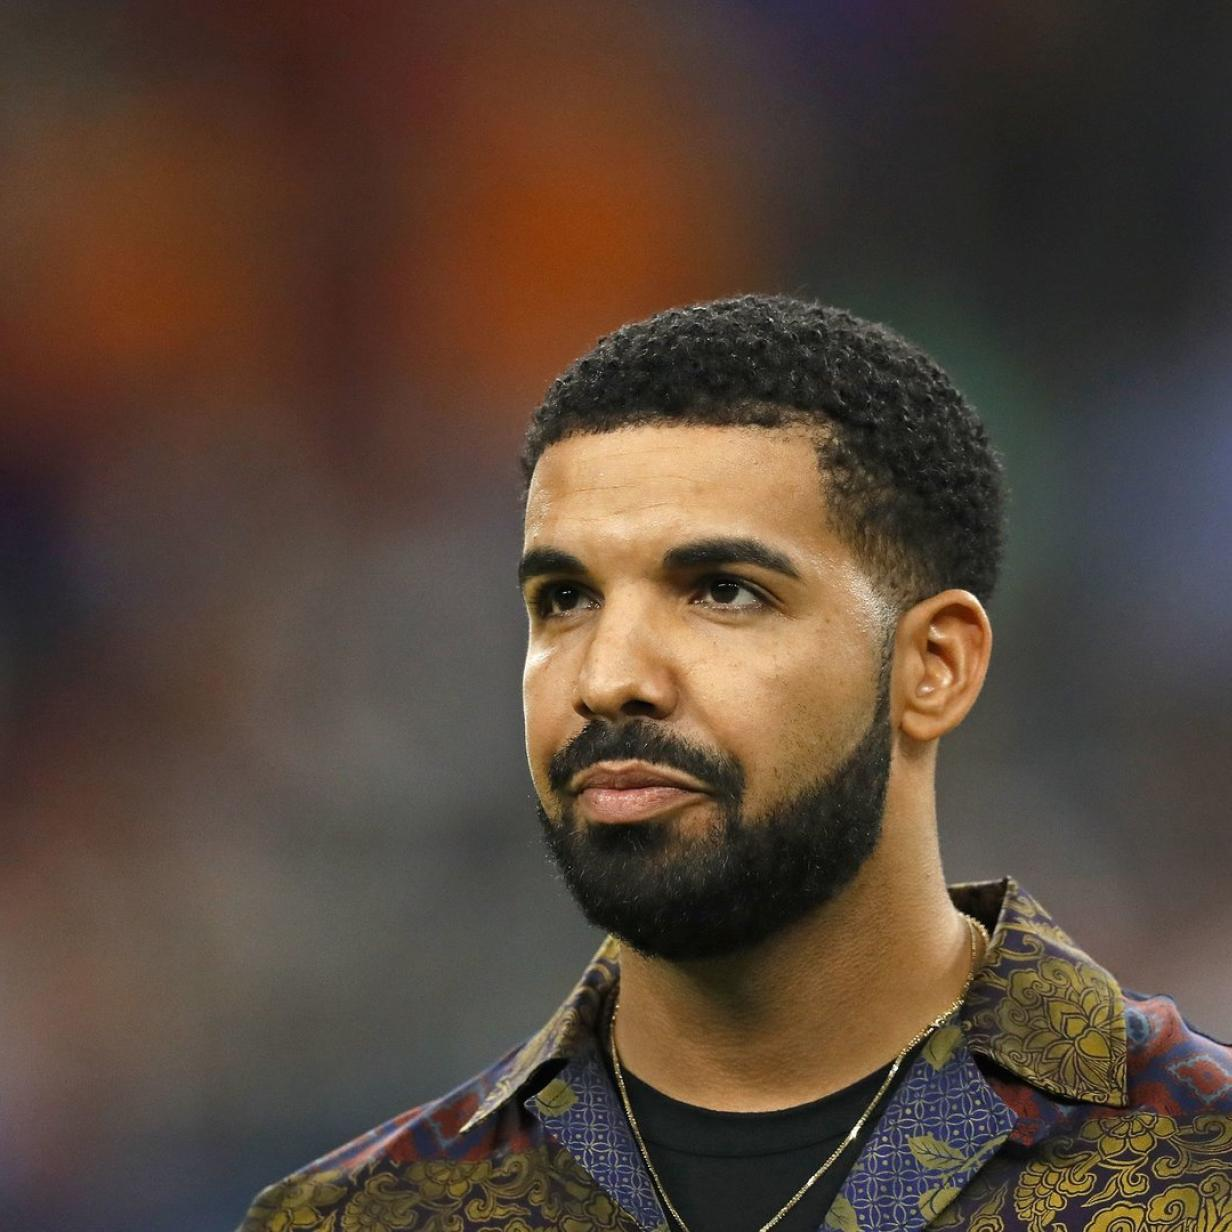 Ausgebuht: Rapper Drake musste Konzert abbrechen